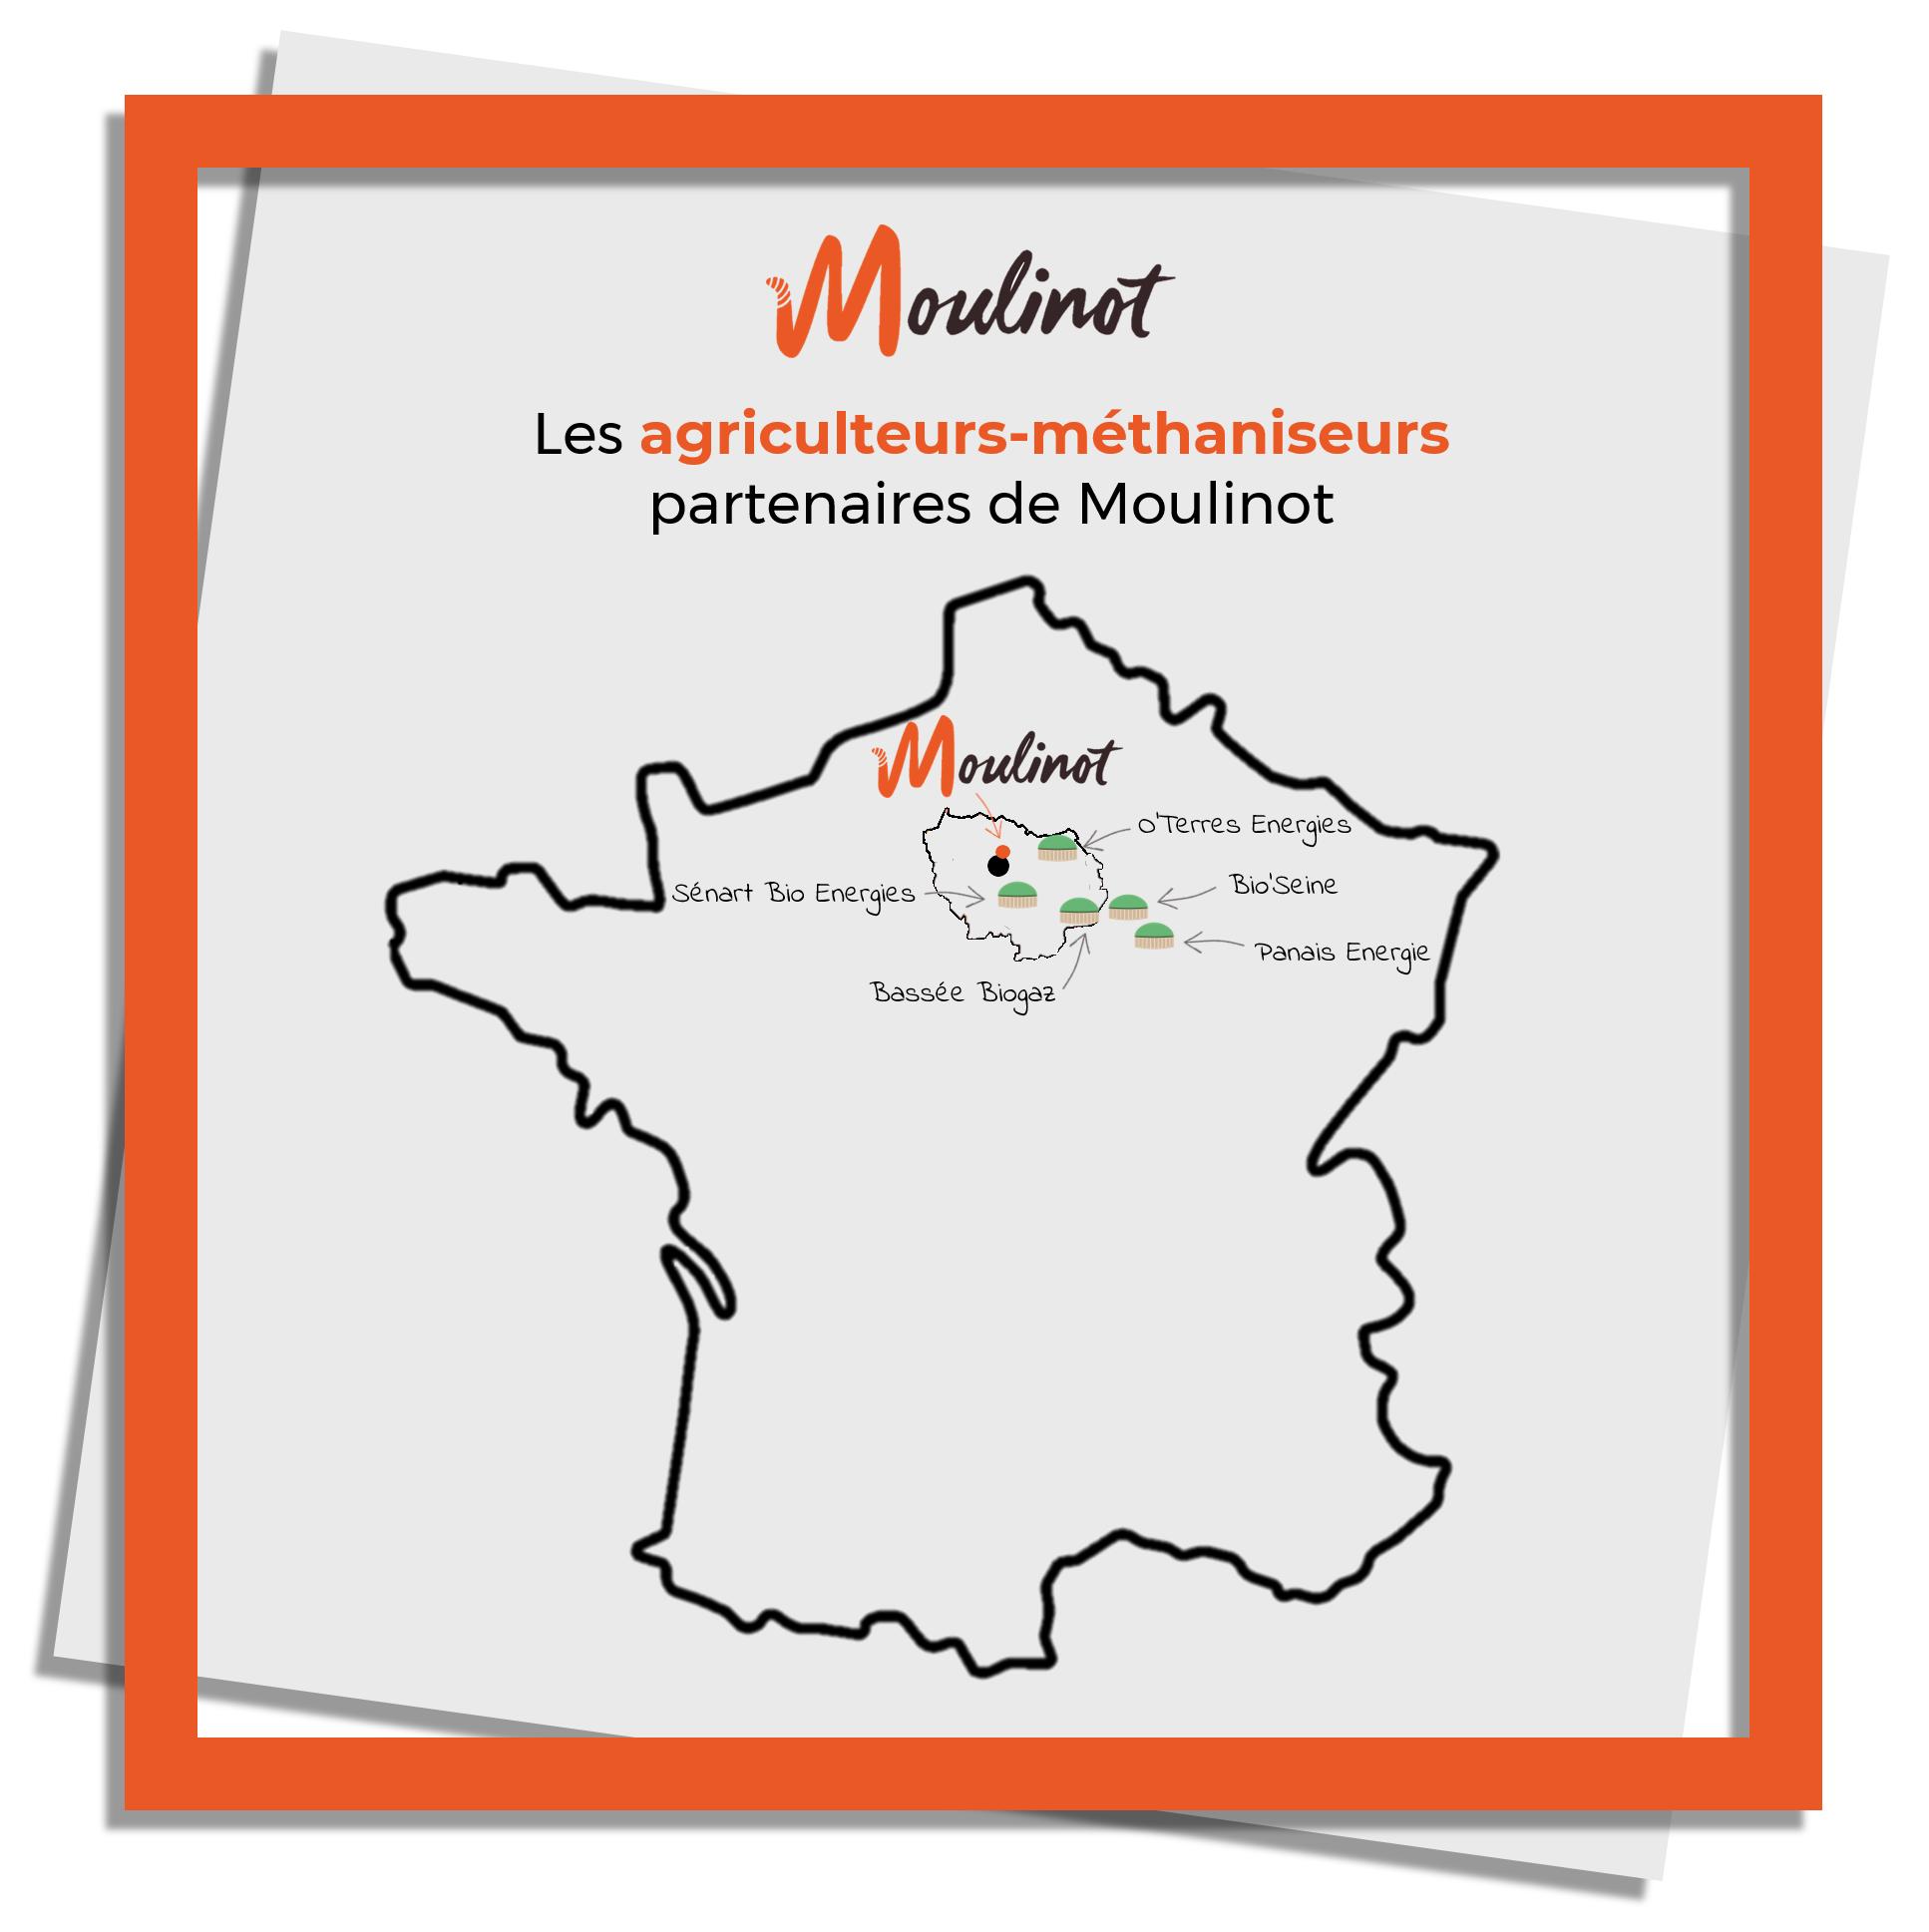 Méthanisation agricole en Ile de France. Nos agriculteurs partenaires pour valoriser les déchets alimentaires / biodéchets en biogaz.